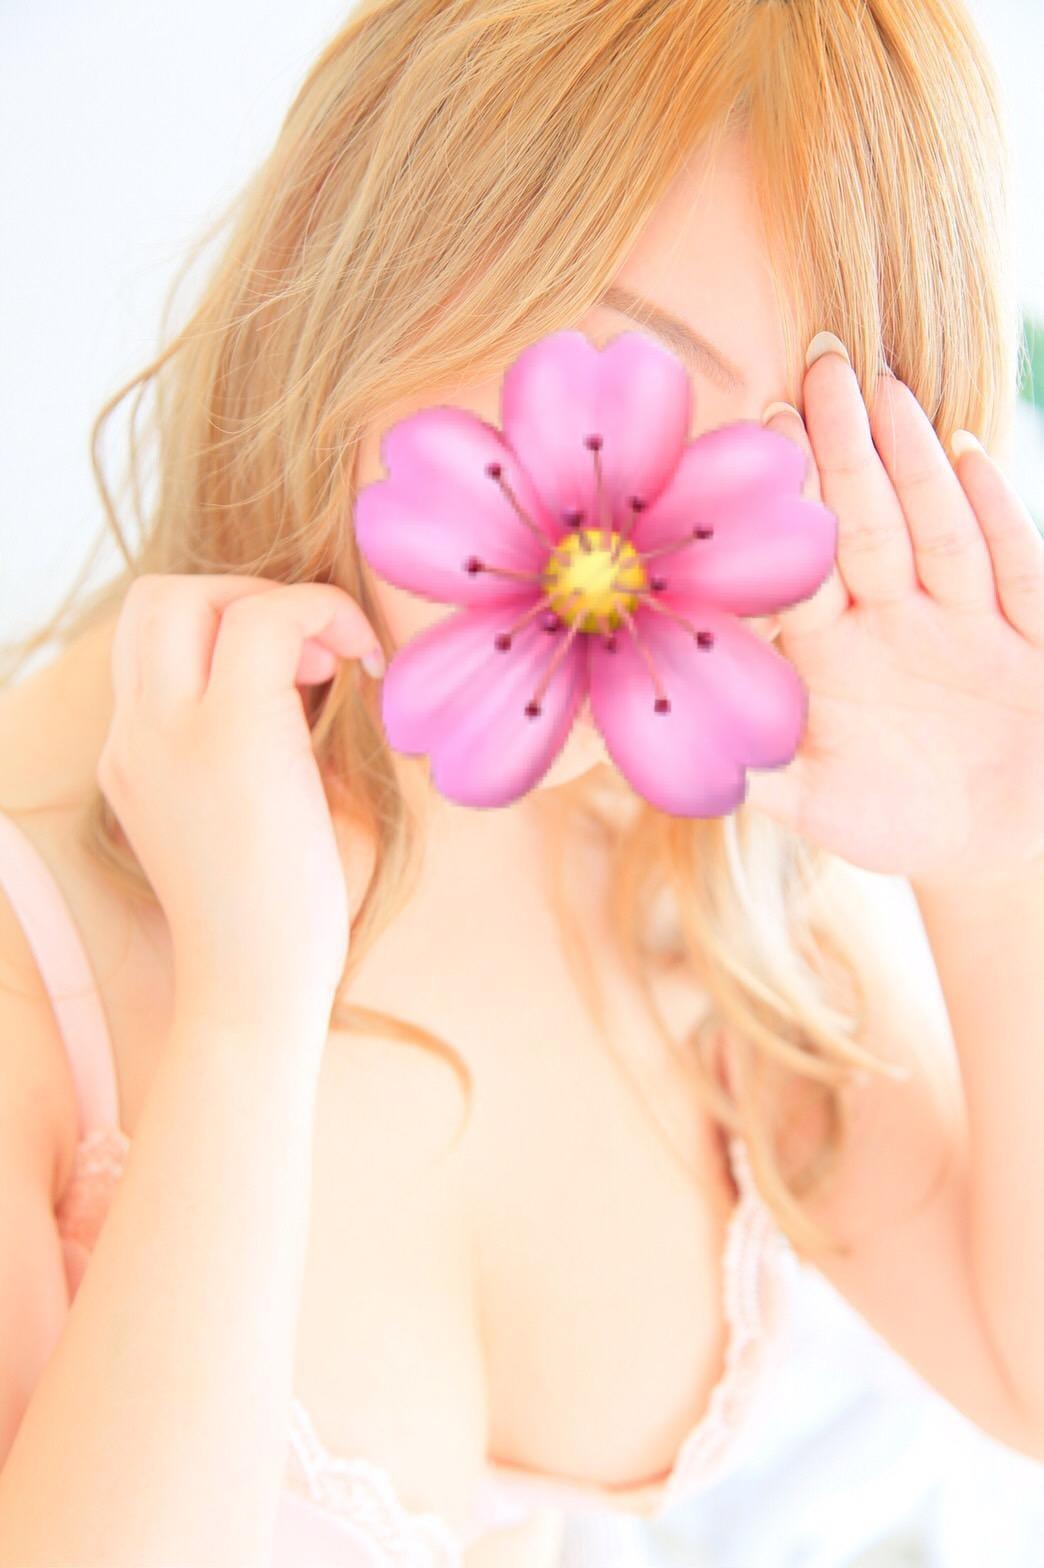 「おはよ〜!」05/17(05/17) 16:00 | JUNNAの写メ・風俗動画